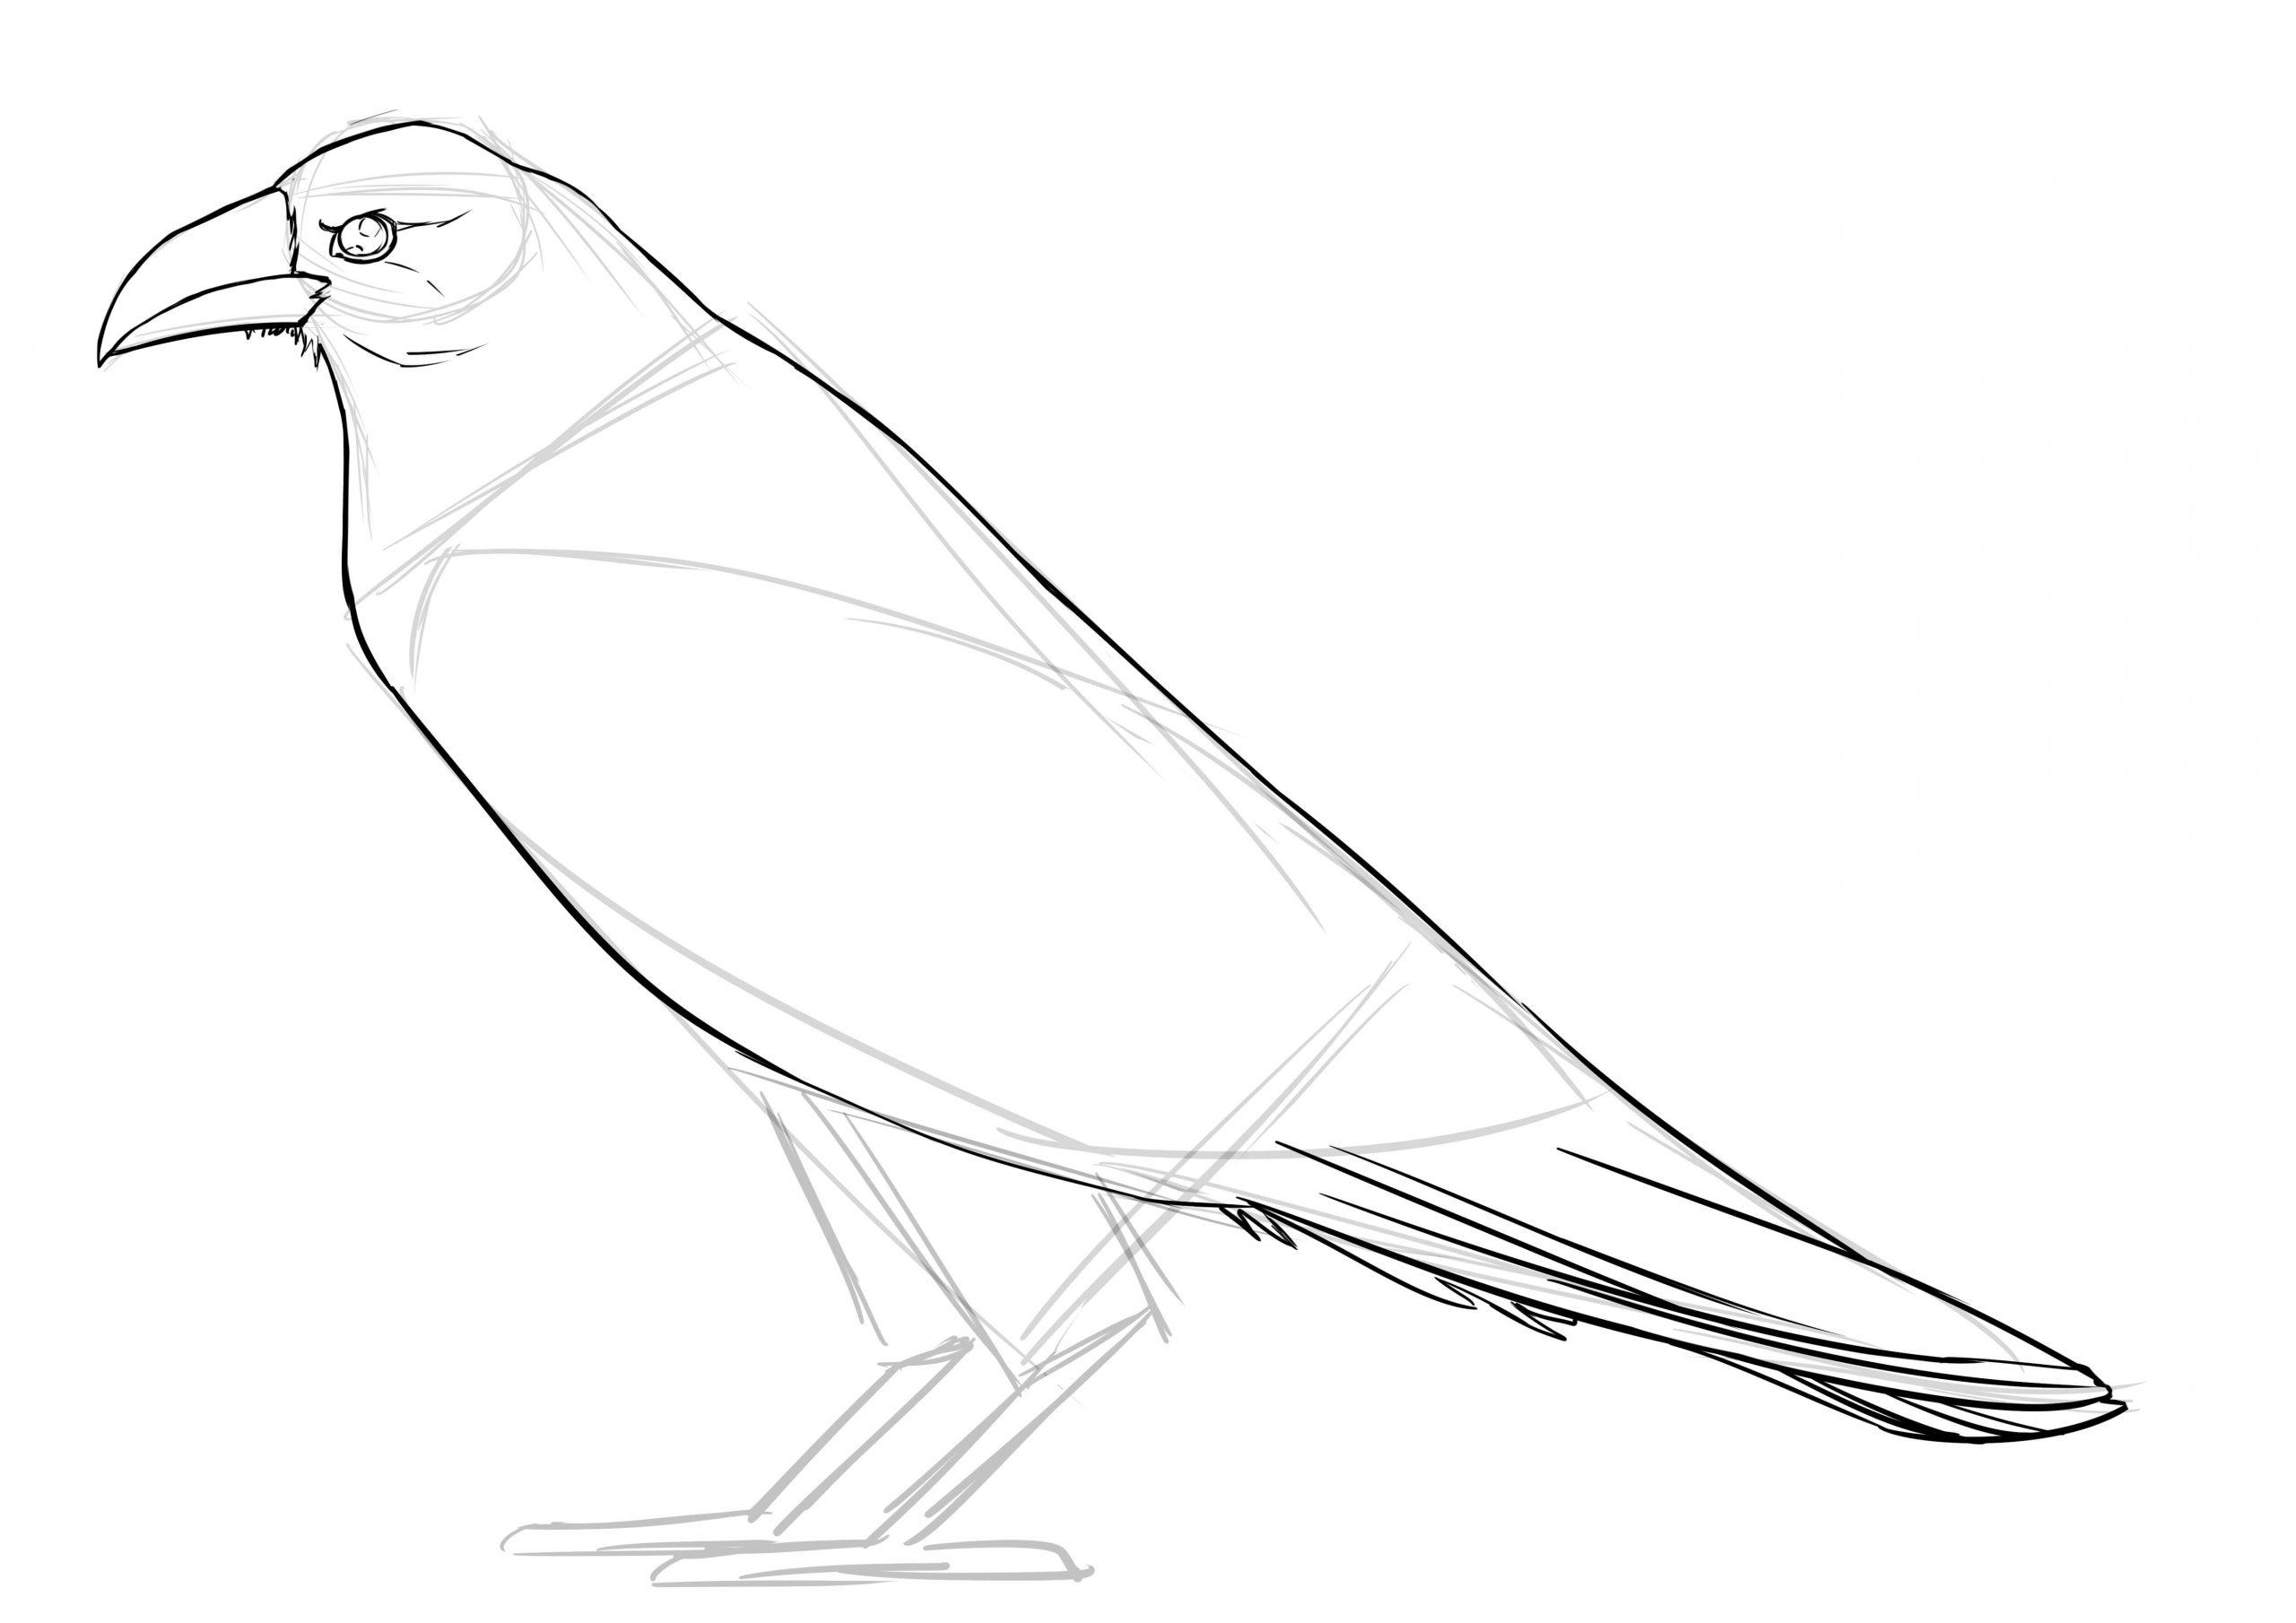 Comment Réaliser Un Dessin De Corbeau - Dessindigo intérieur Dessin De Cage D Oiseau